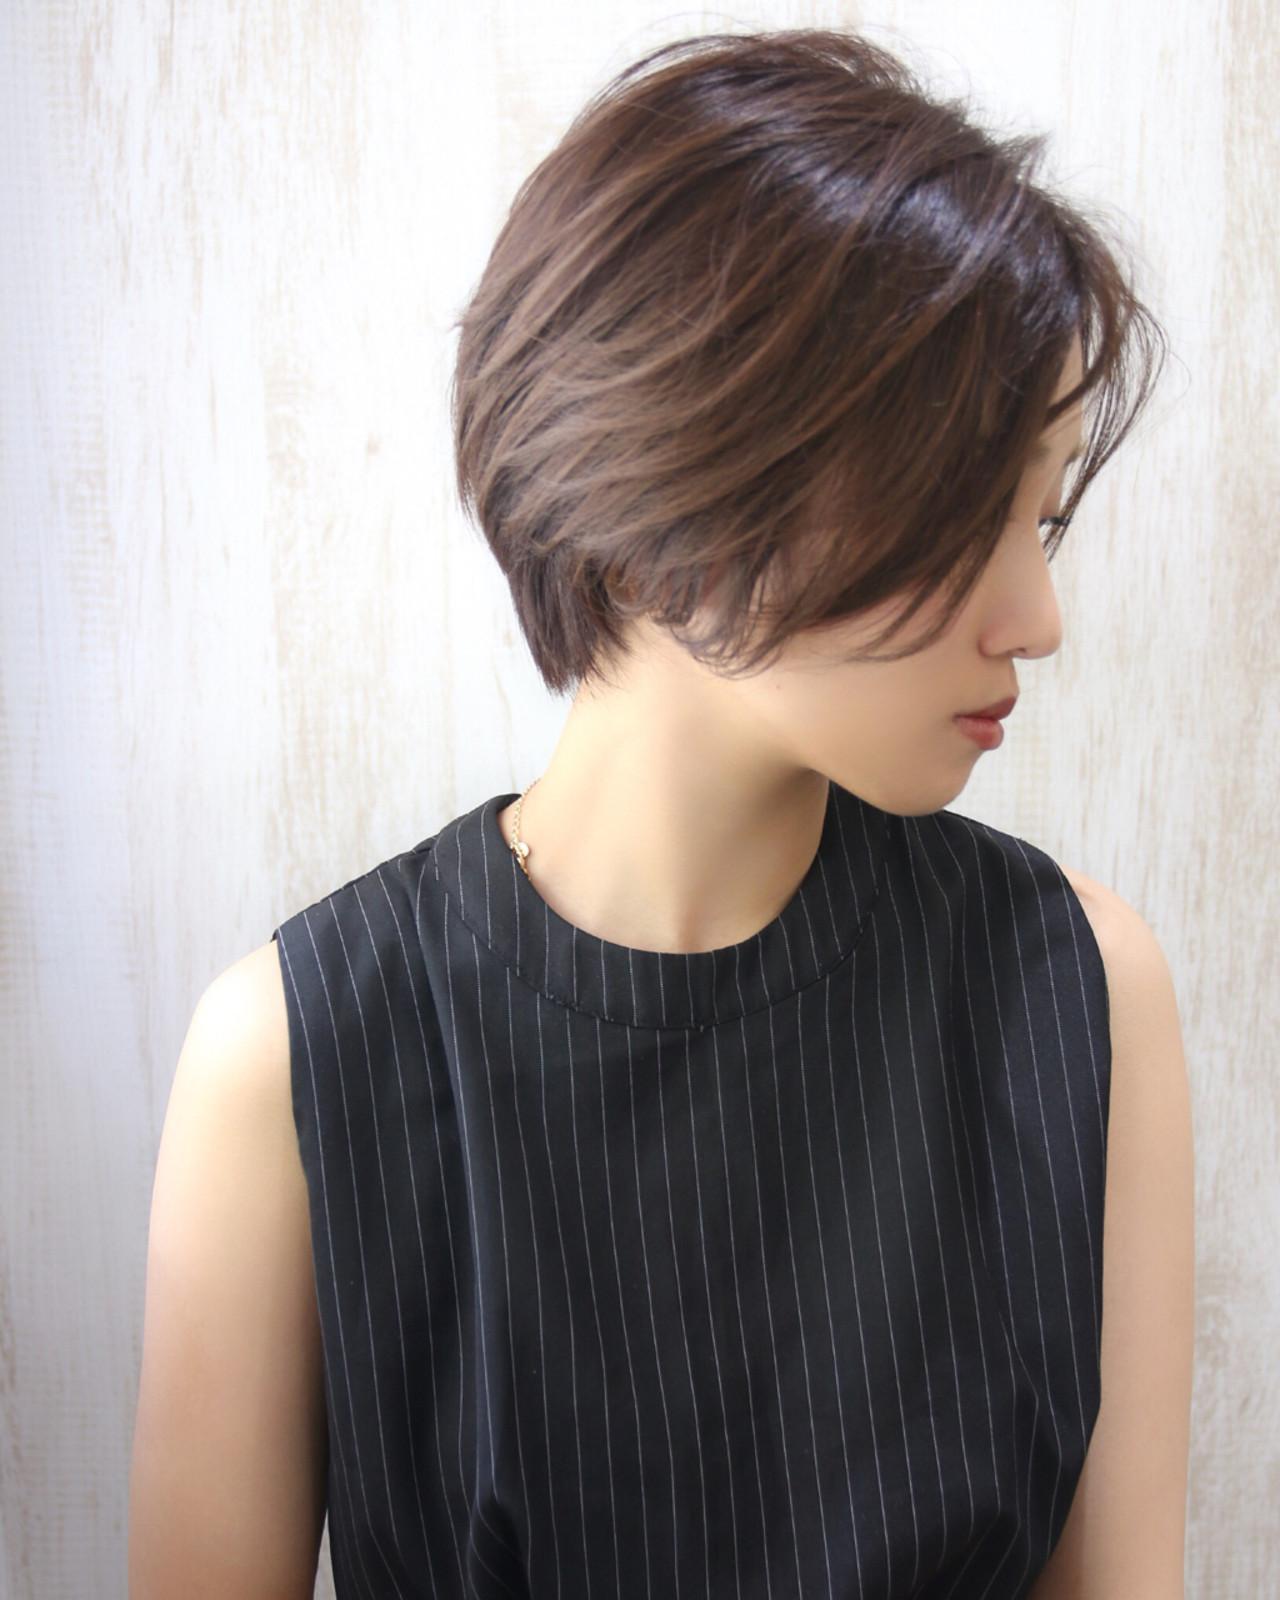 ショート 似合わせ 小顔 ベリーショート ヘアスタイルや髪型の写真・画像 | 松谷 聖史 /  estrela